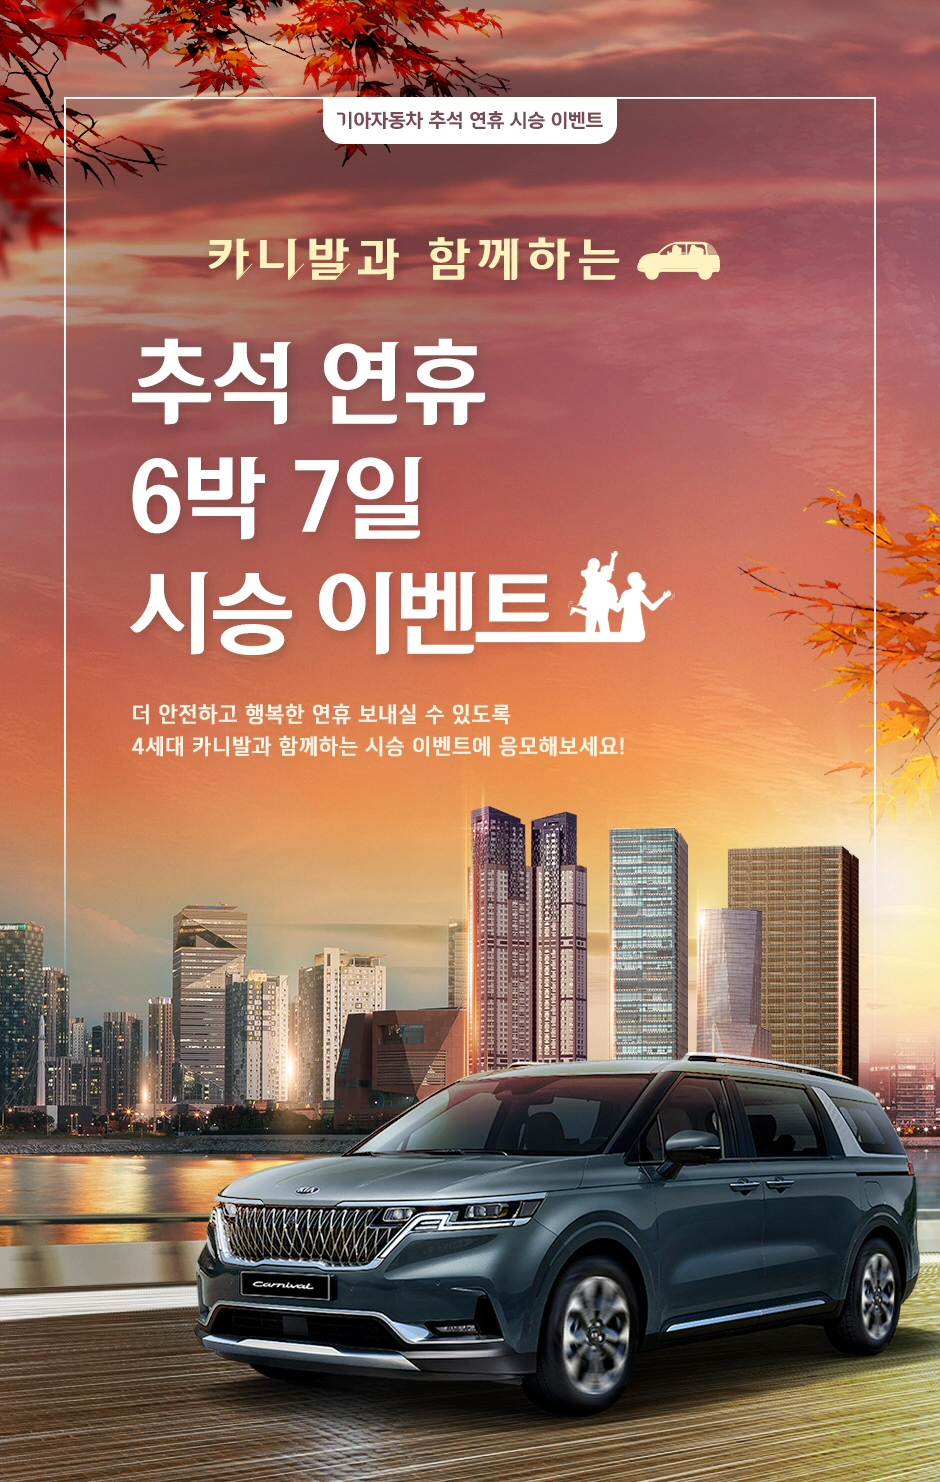 카니발과 함께하는 추석 연휴 6박 7일 시승 이벤트